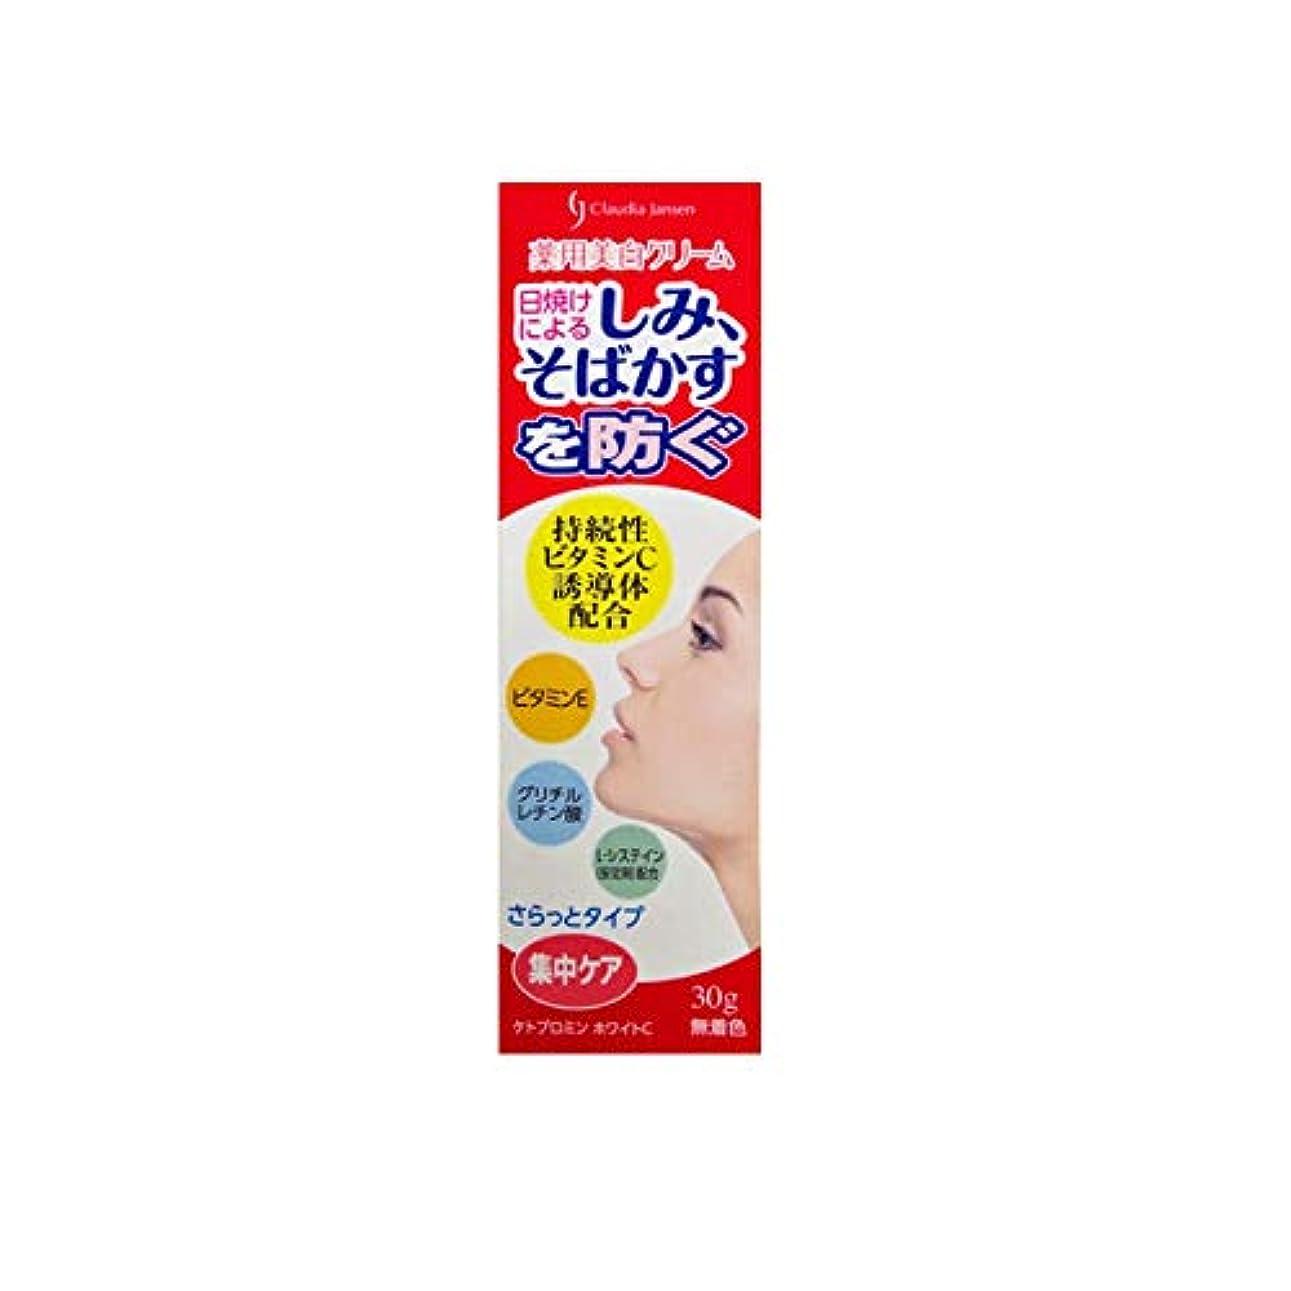 どこか作る処方三友薬品 医薬部外品 薬用ホワイトニングクリームC 30g